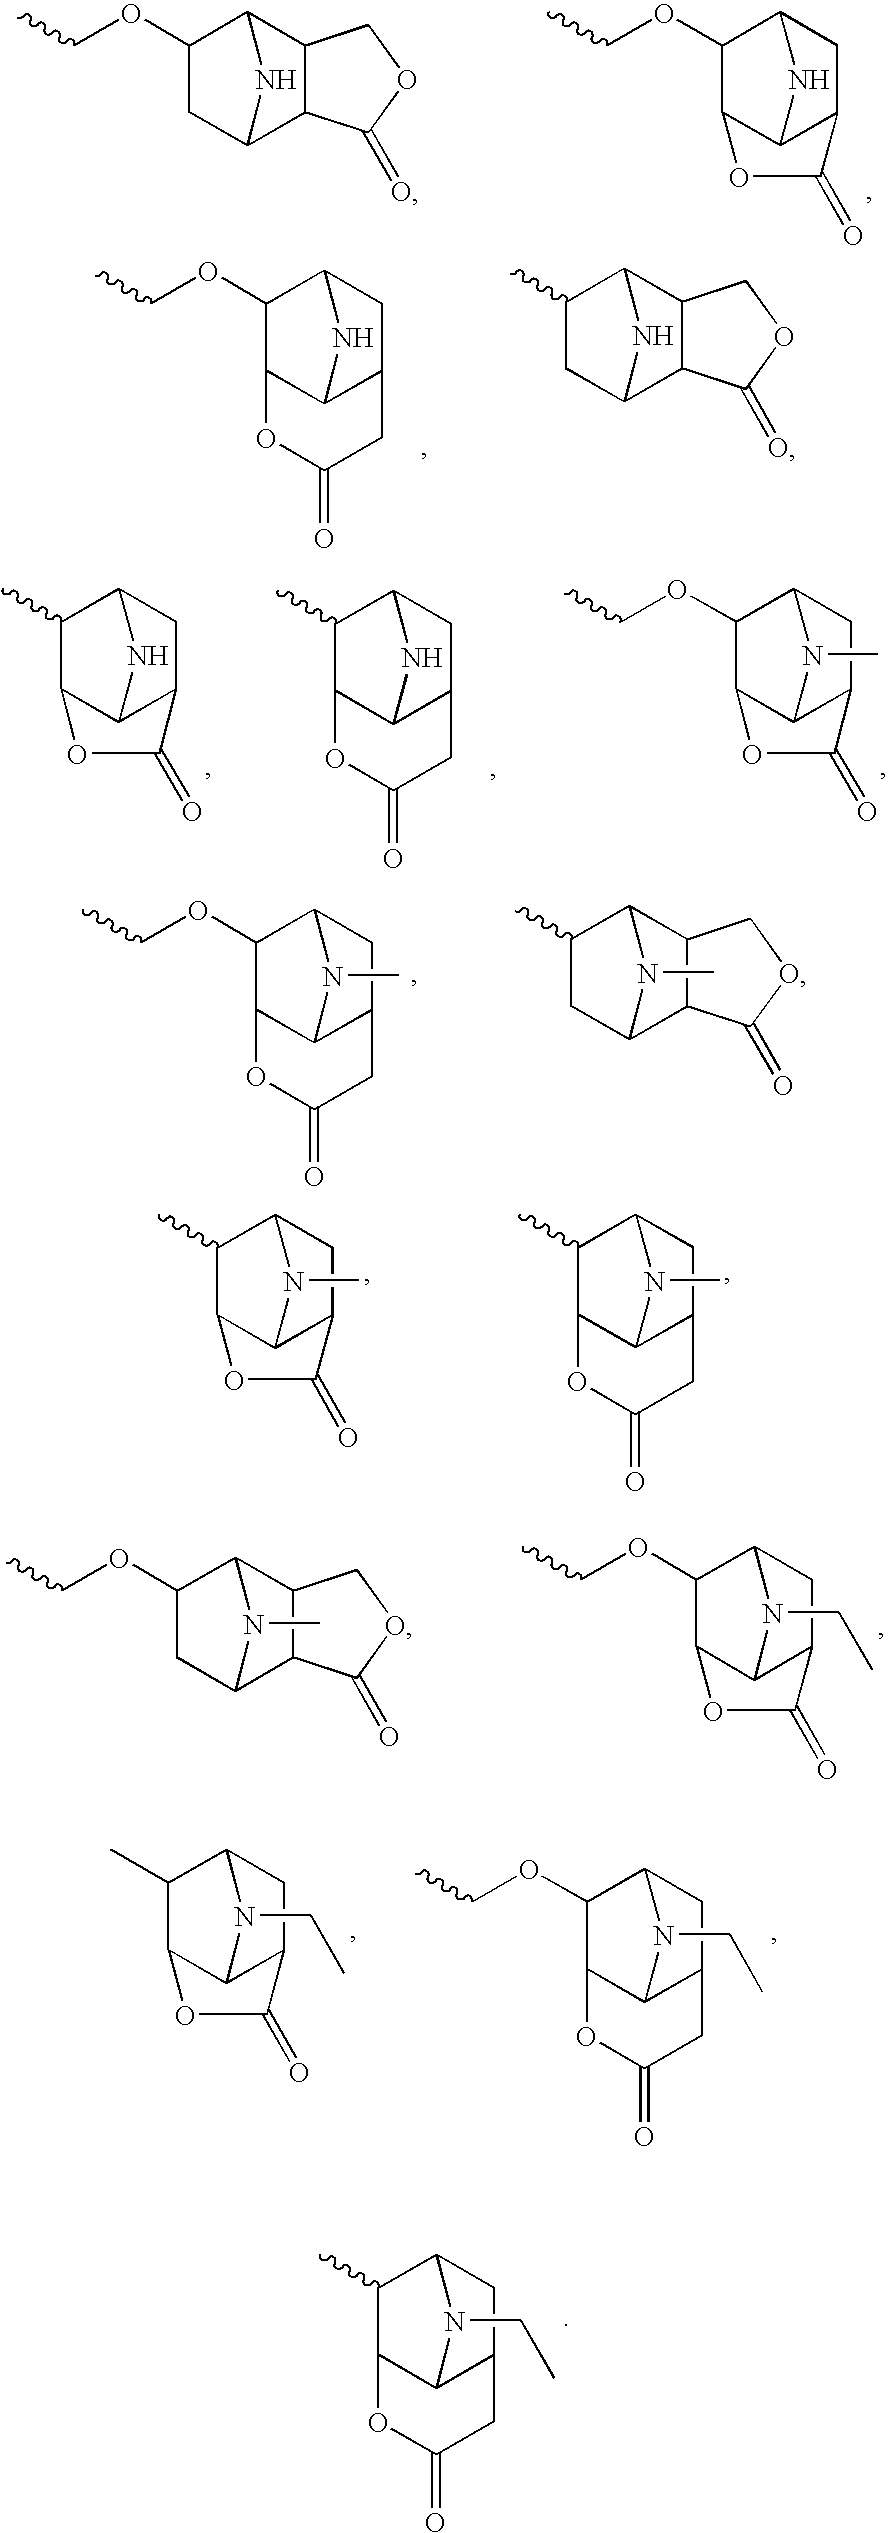 Figure US20100233622A1-20100916-C00014